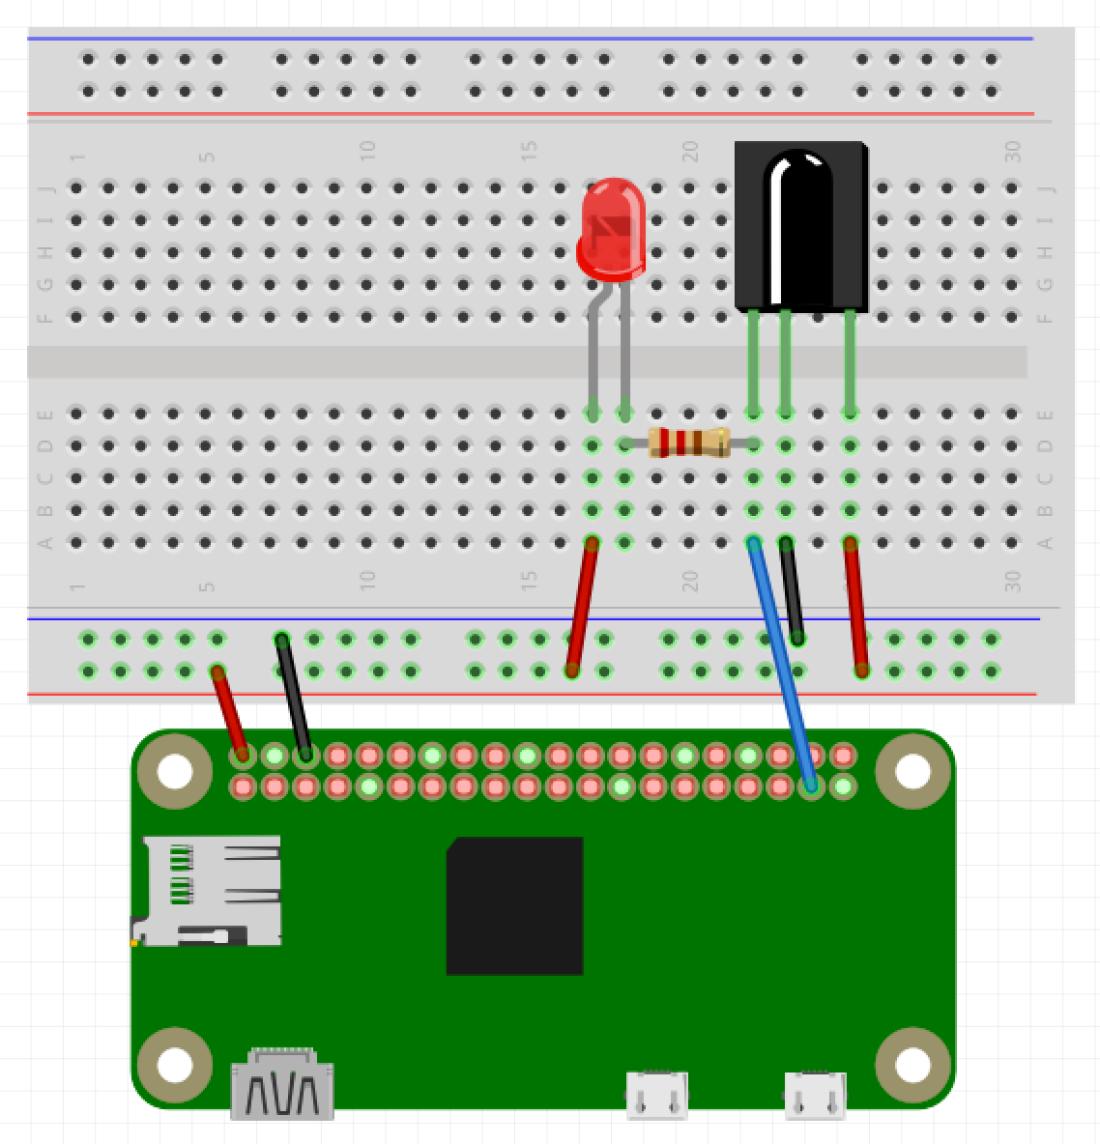 ir-sensor-test-fritzing.png